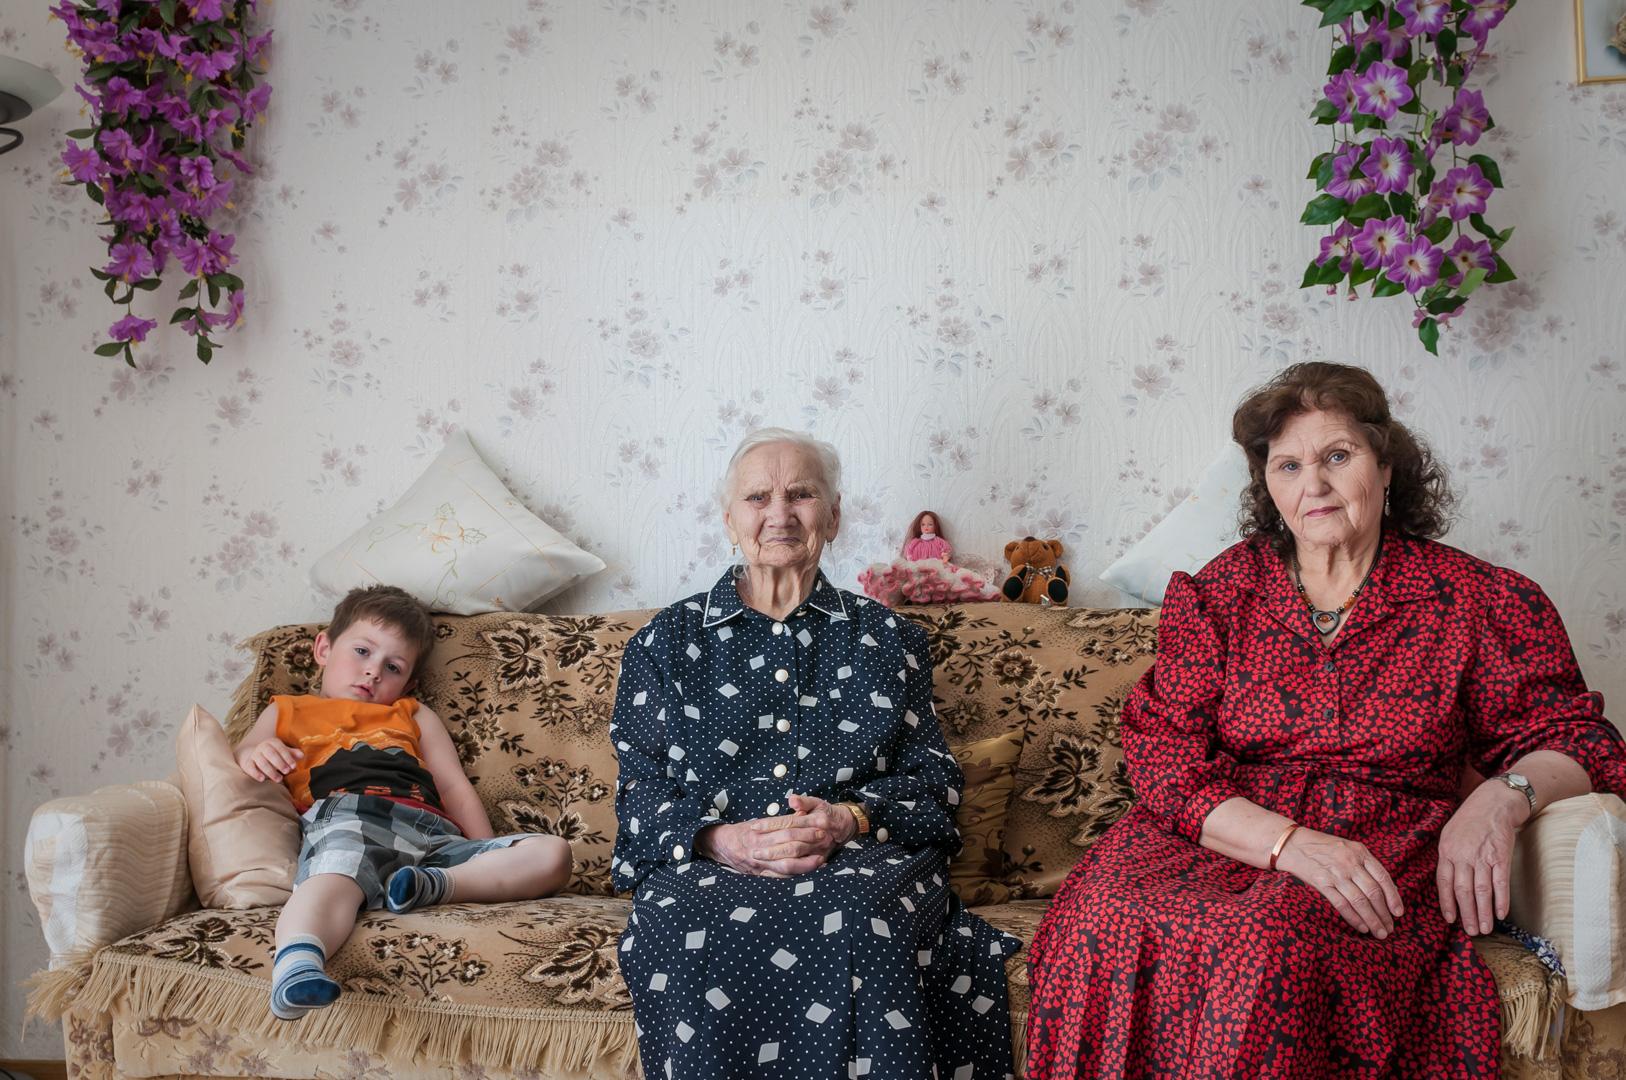 Niedersachsen in Verden lebende Migrantenfamilie aus Odessa und Sibirien haben sich die Russlanddeutschen integriert